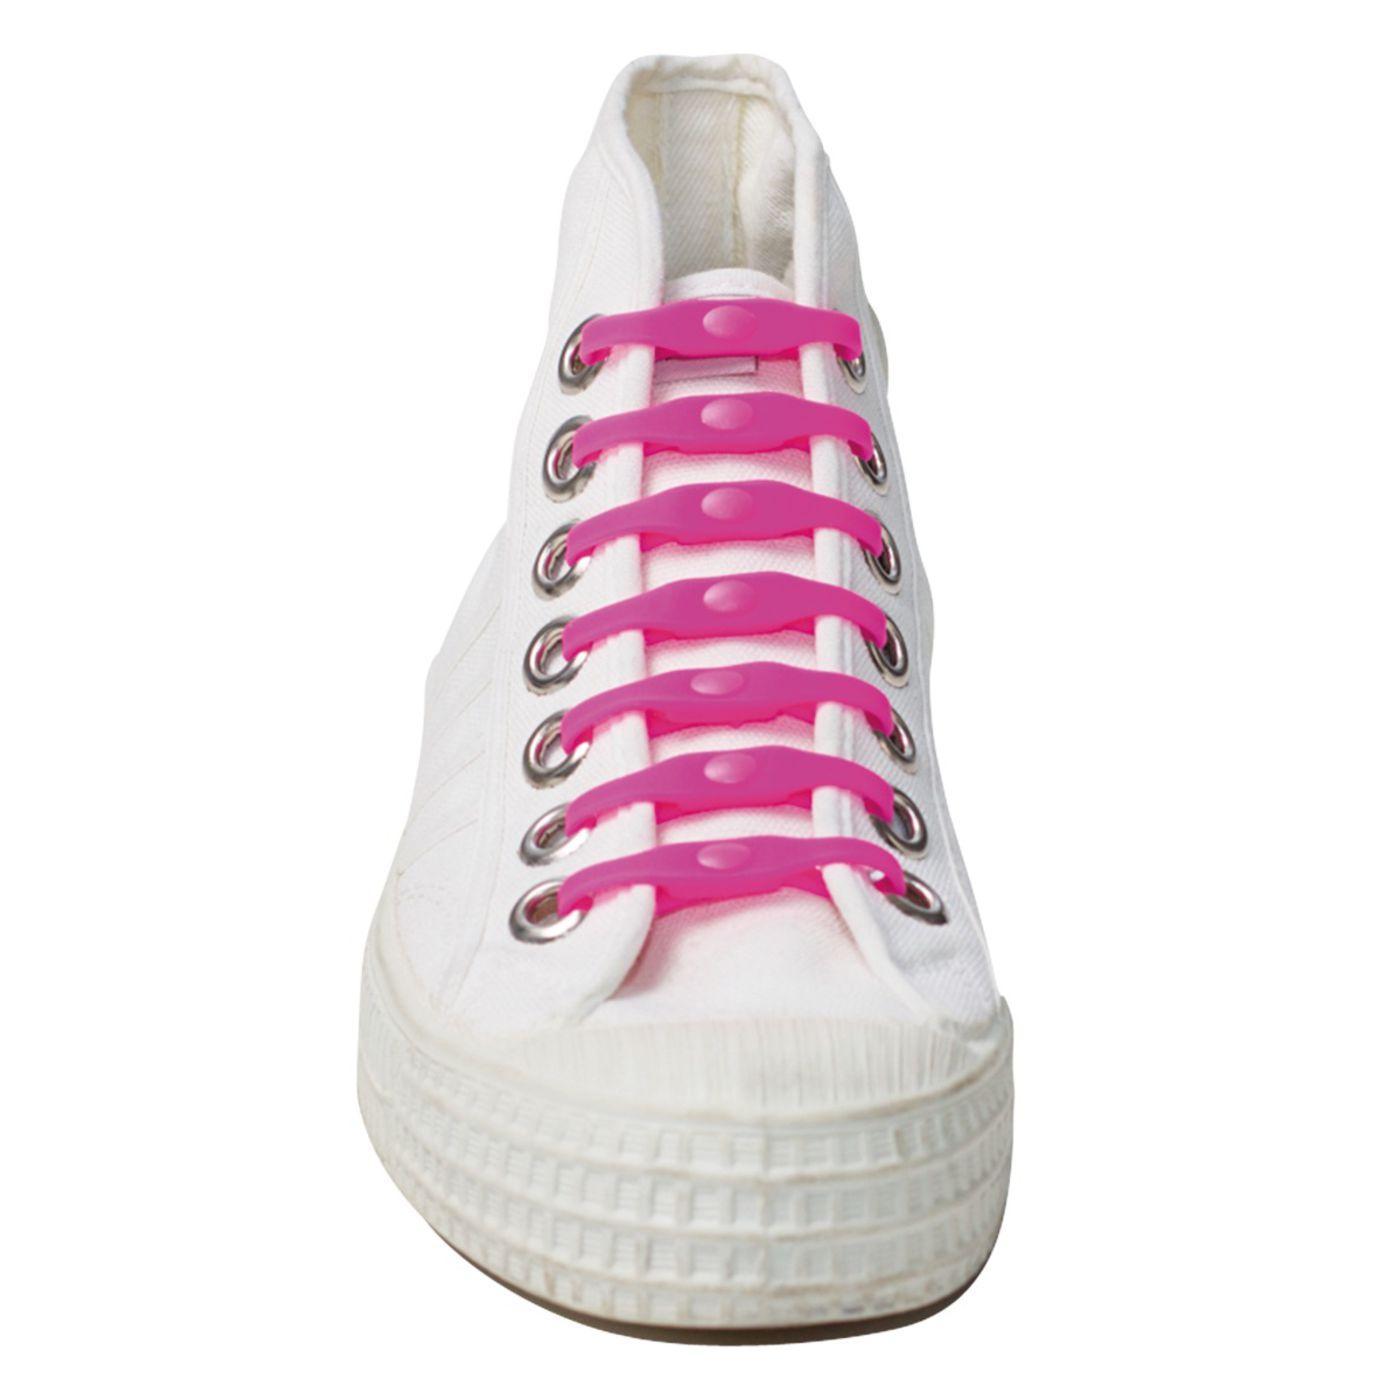 Shoeps Обувь Резиновая, 14 Шт